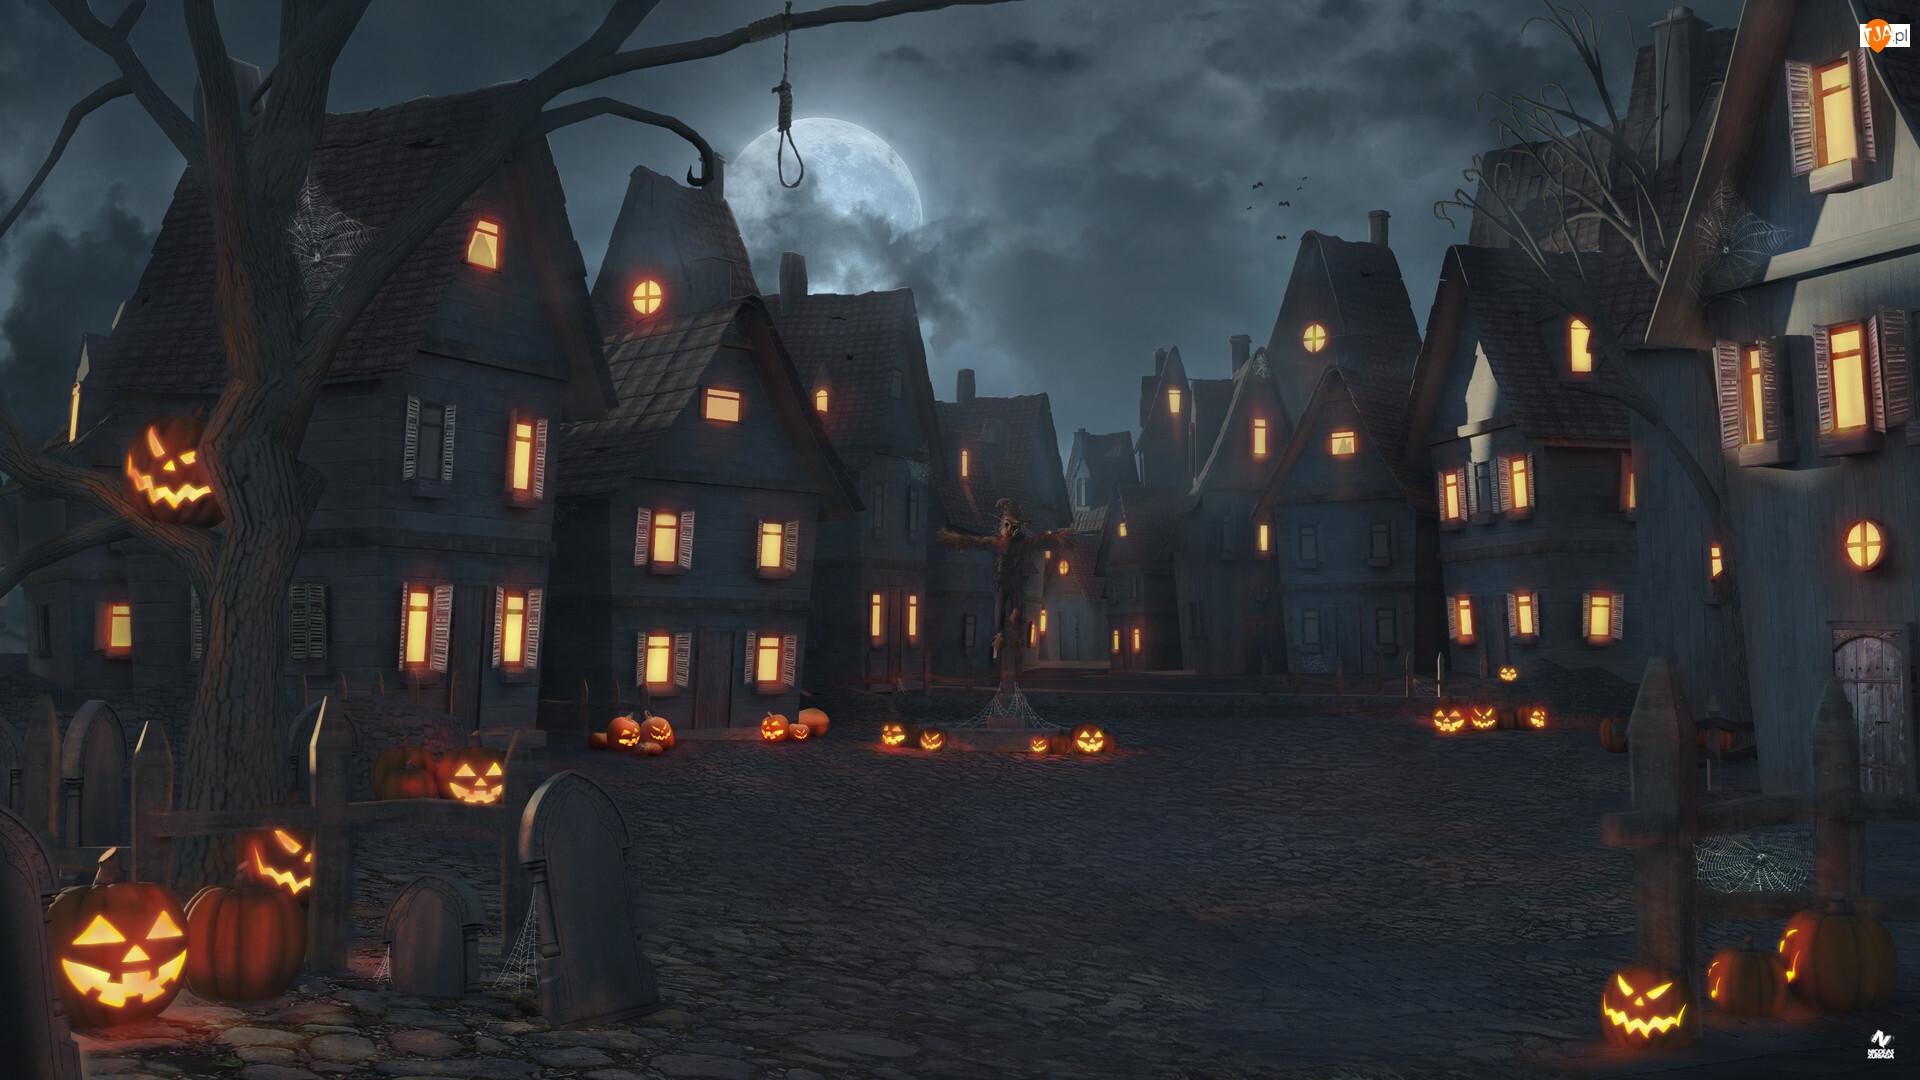 Grafika, Domy, Drzewo, Księżyc, Dynie, Światła, Ulica, Halloween, Noc